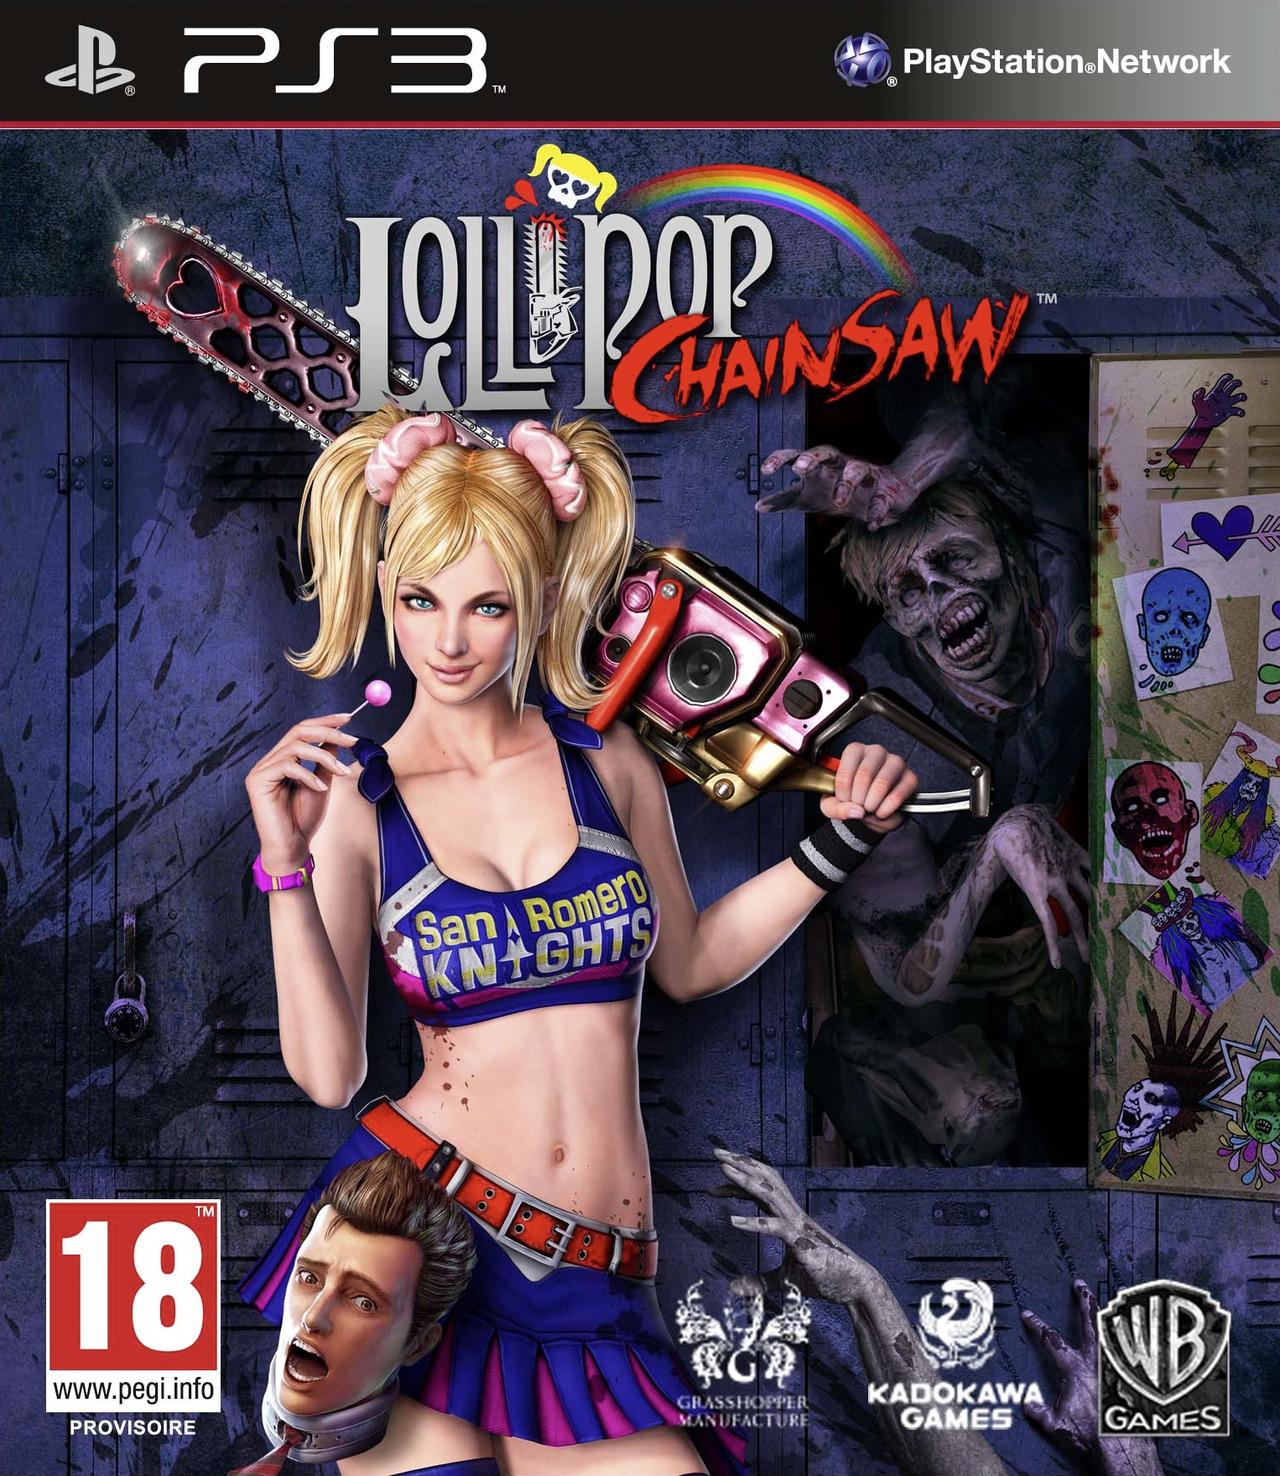 Sélection jeux-vidéo en promotion (voir description) - Ex : Lollipop Chainsaw, Dead island Riptide...  (dont édition Collector)